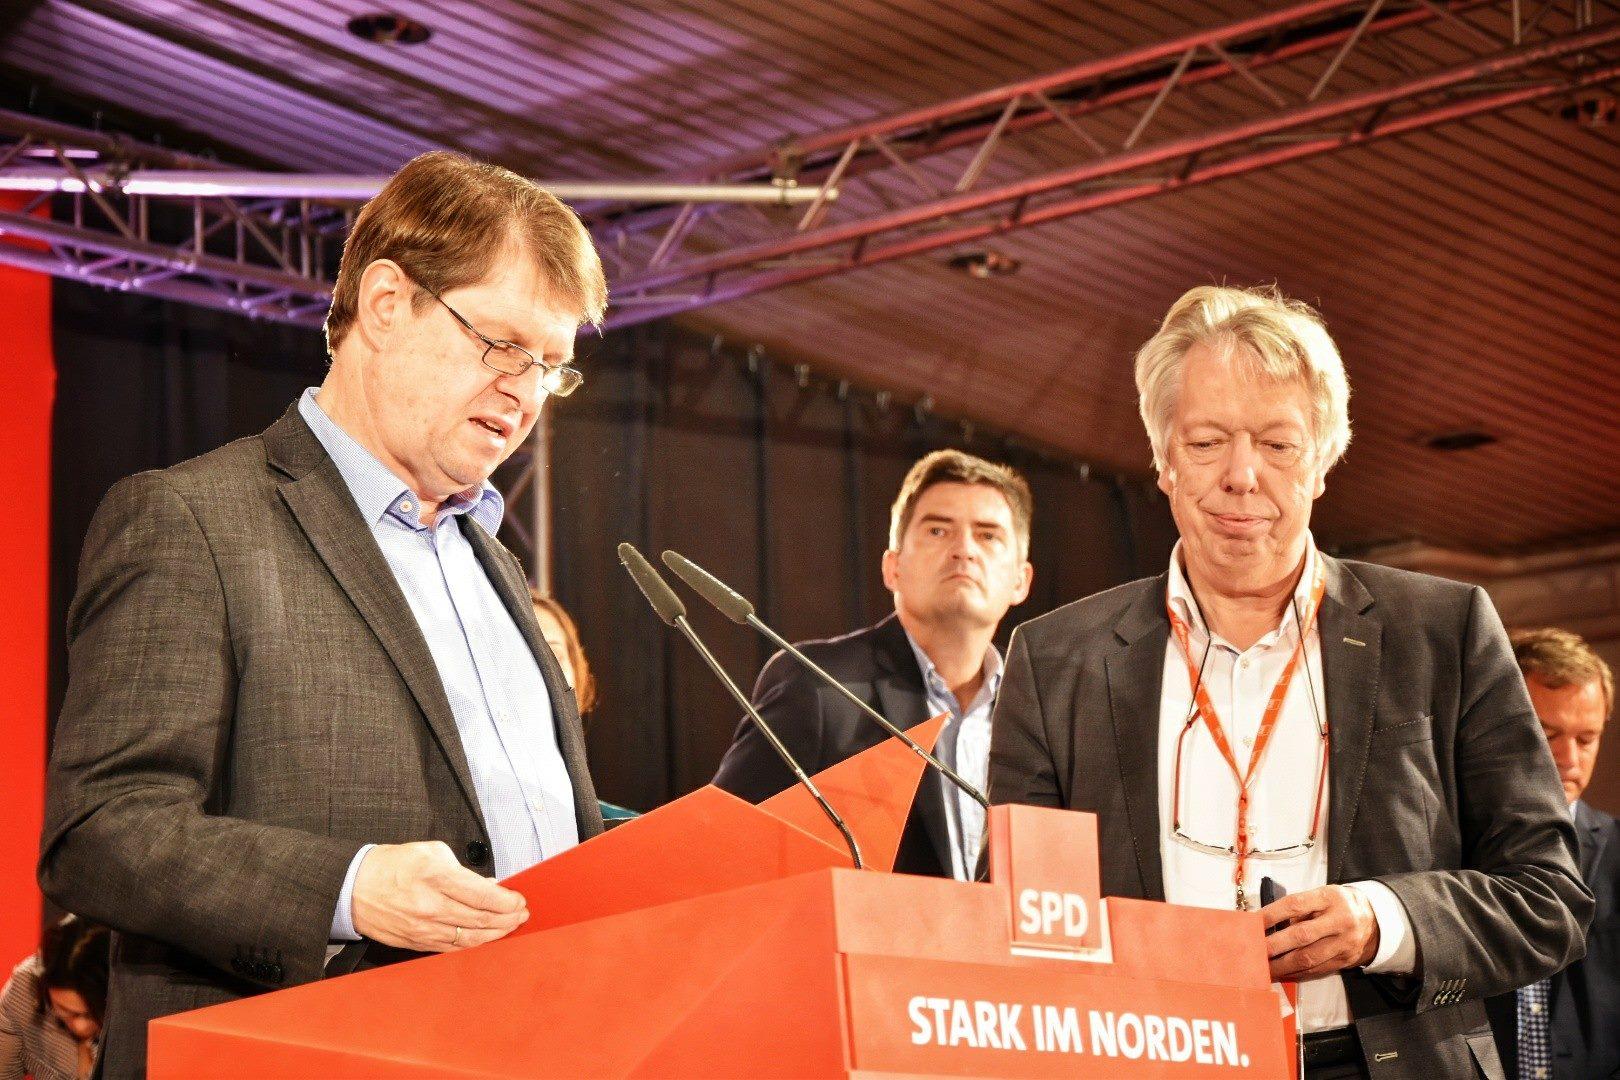 Ralf Stegner und Ernst Dieter Rossmann